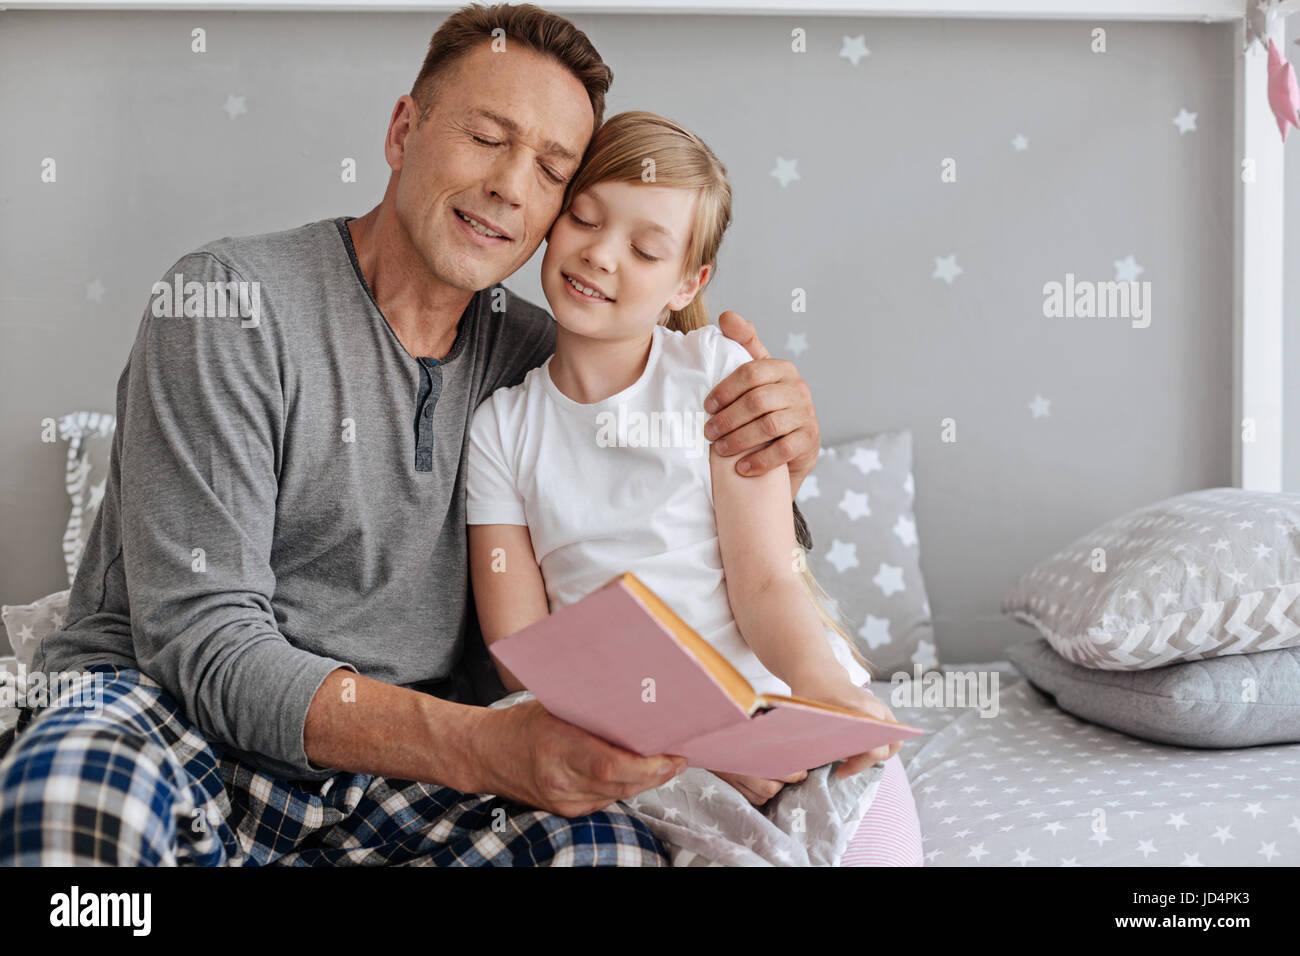 Charmant affectueux père serrant sa petite fille Photo Stock